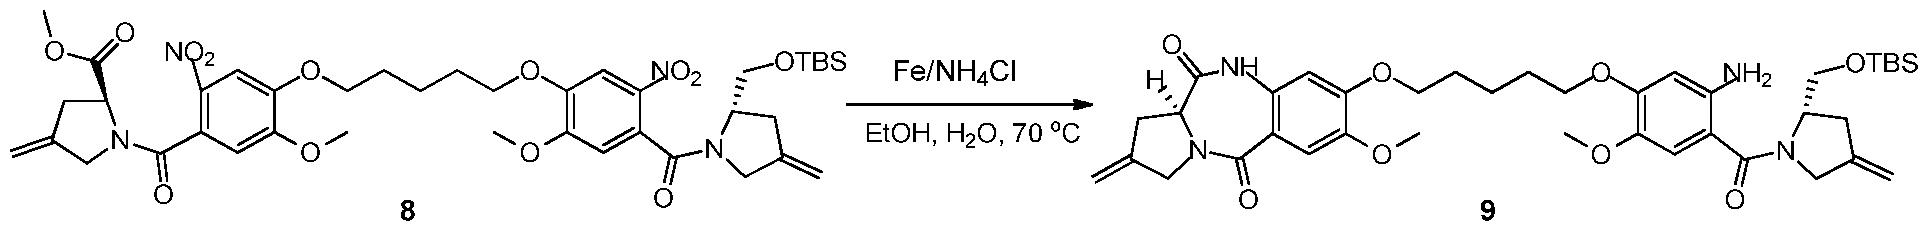 Figure imgf000168_0003